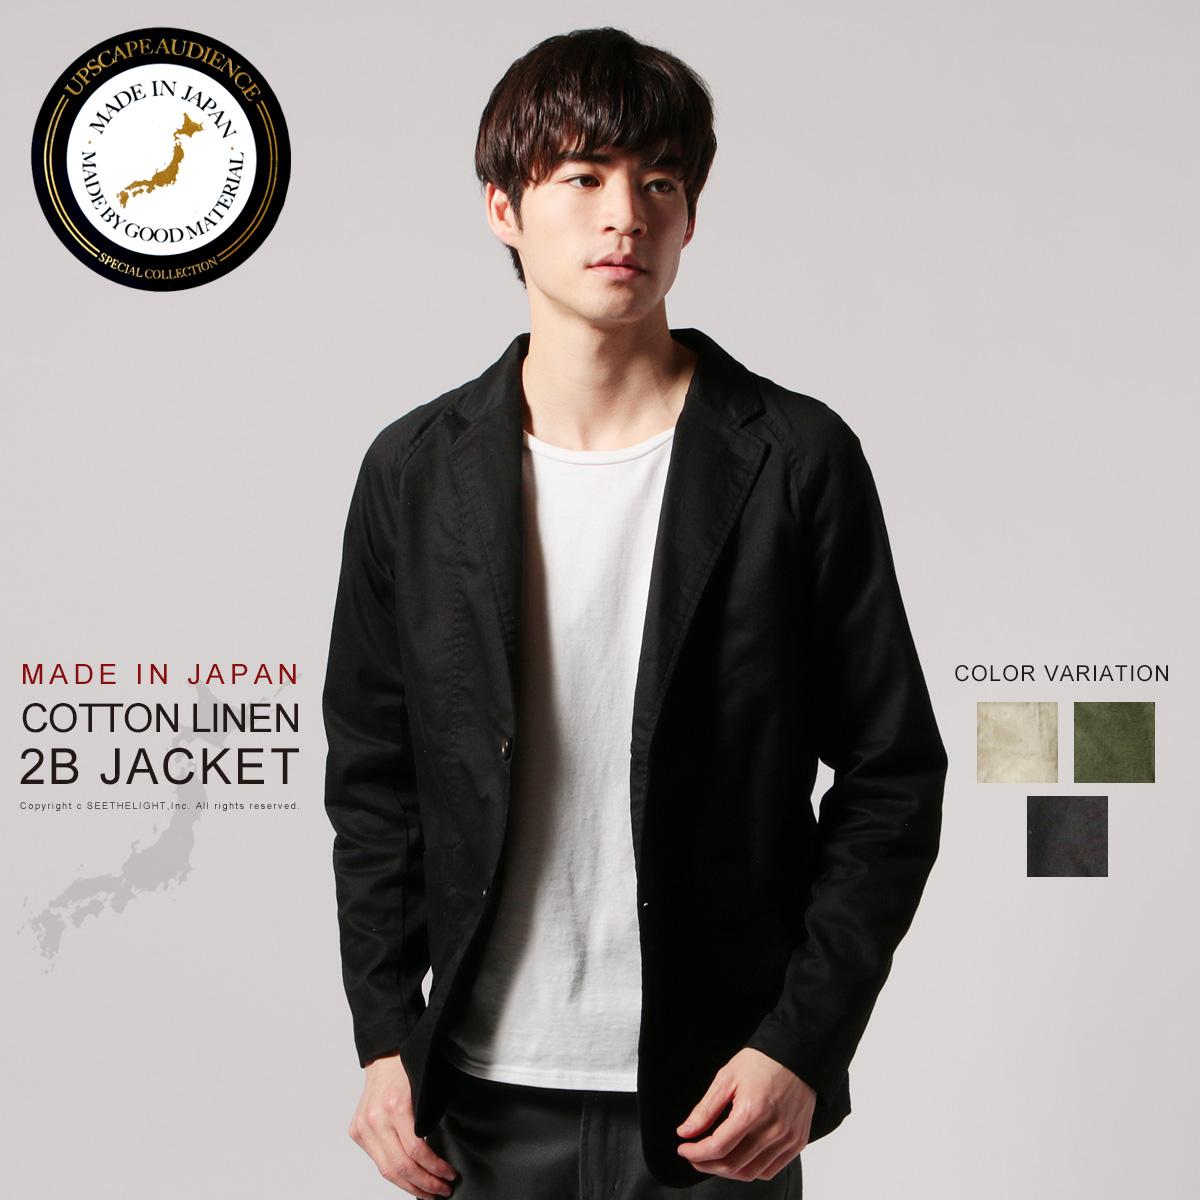 メンズ ジャケット メンズファッション コットン リネン ストレッチ 2B クラークジャケット UPSCAPE AUDIENCE  オーディエンス AUD2843 日本製